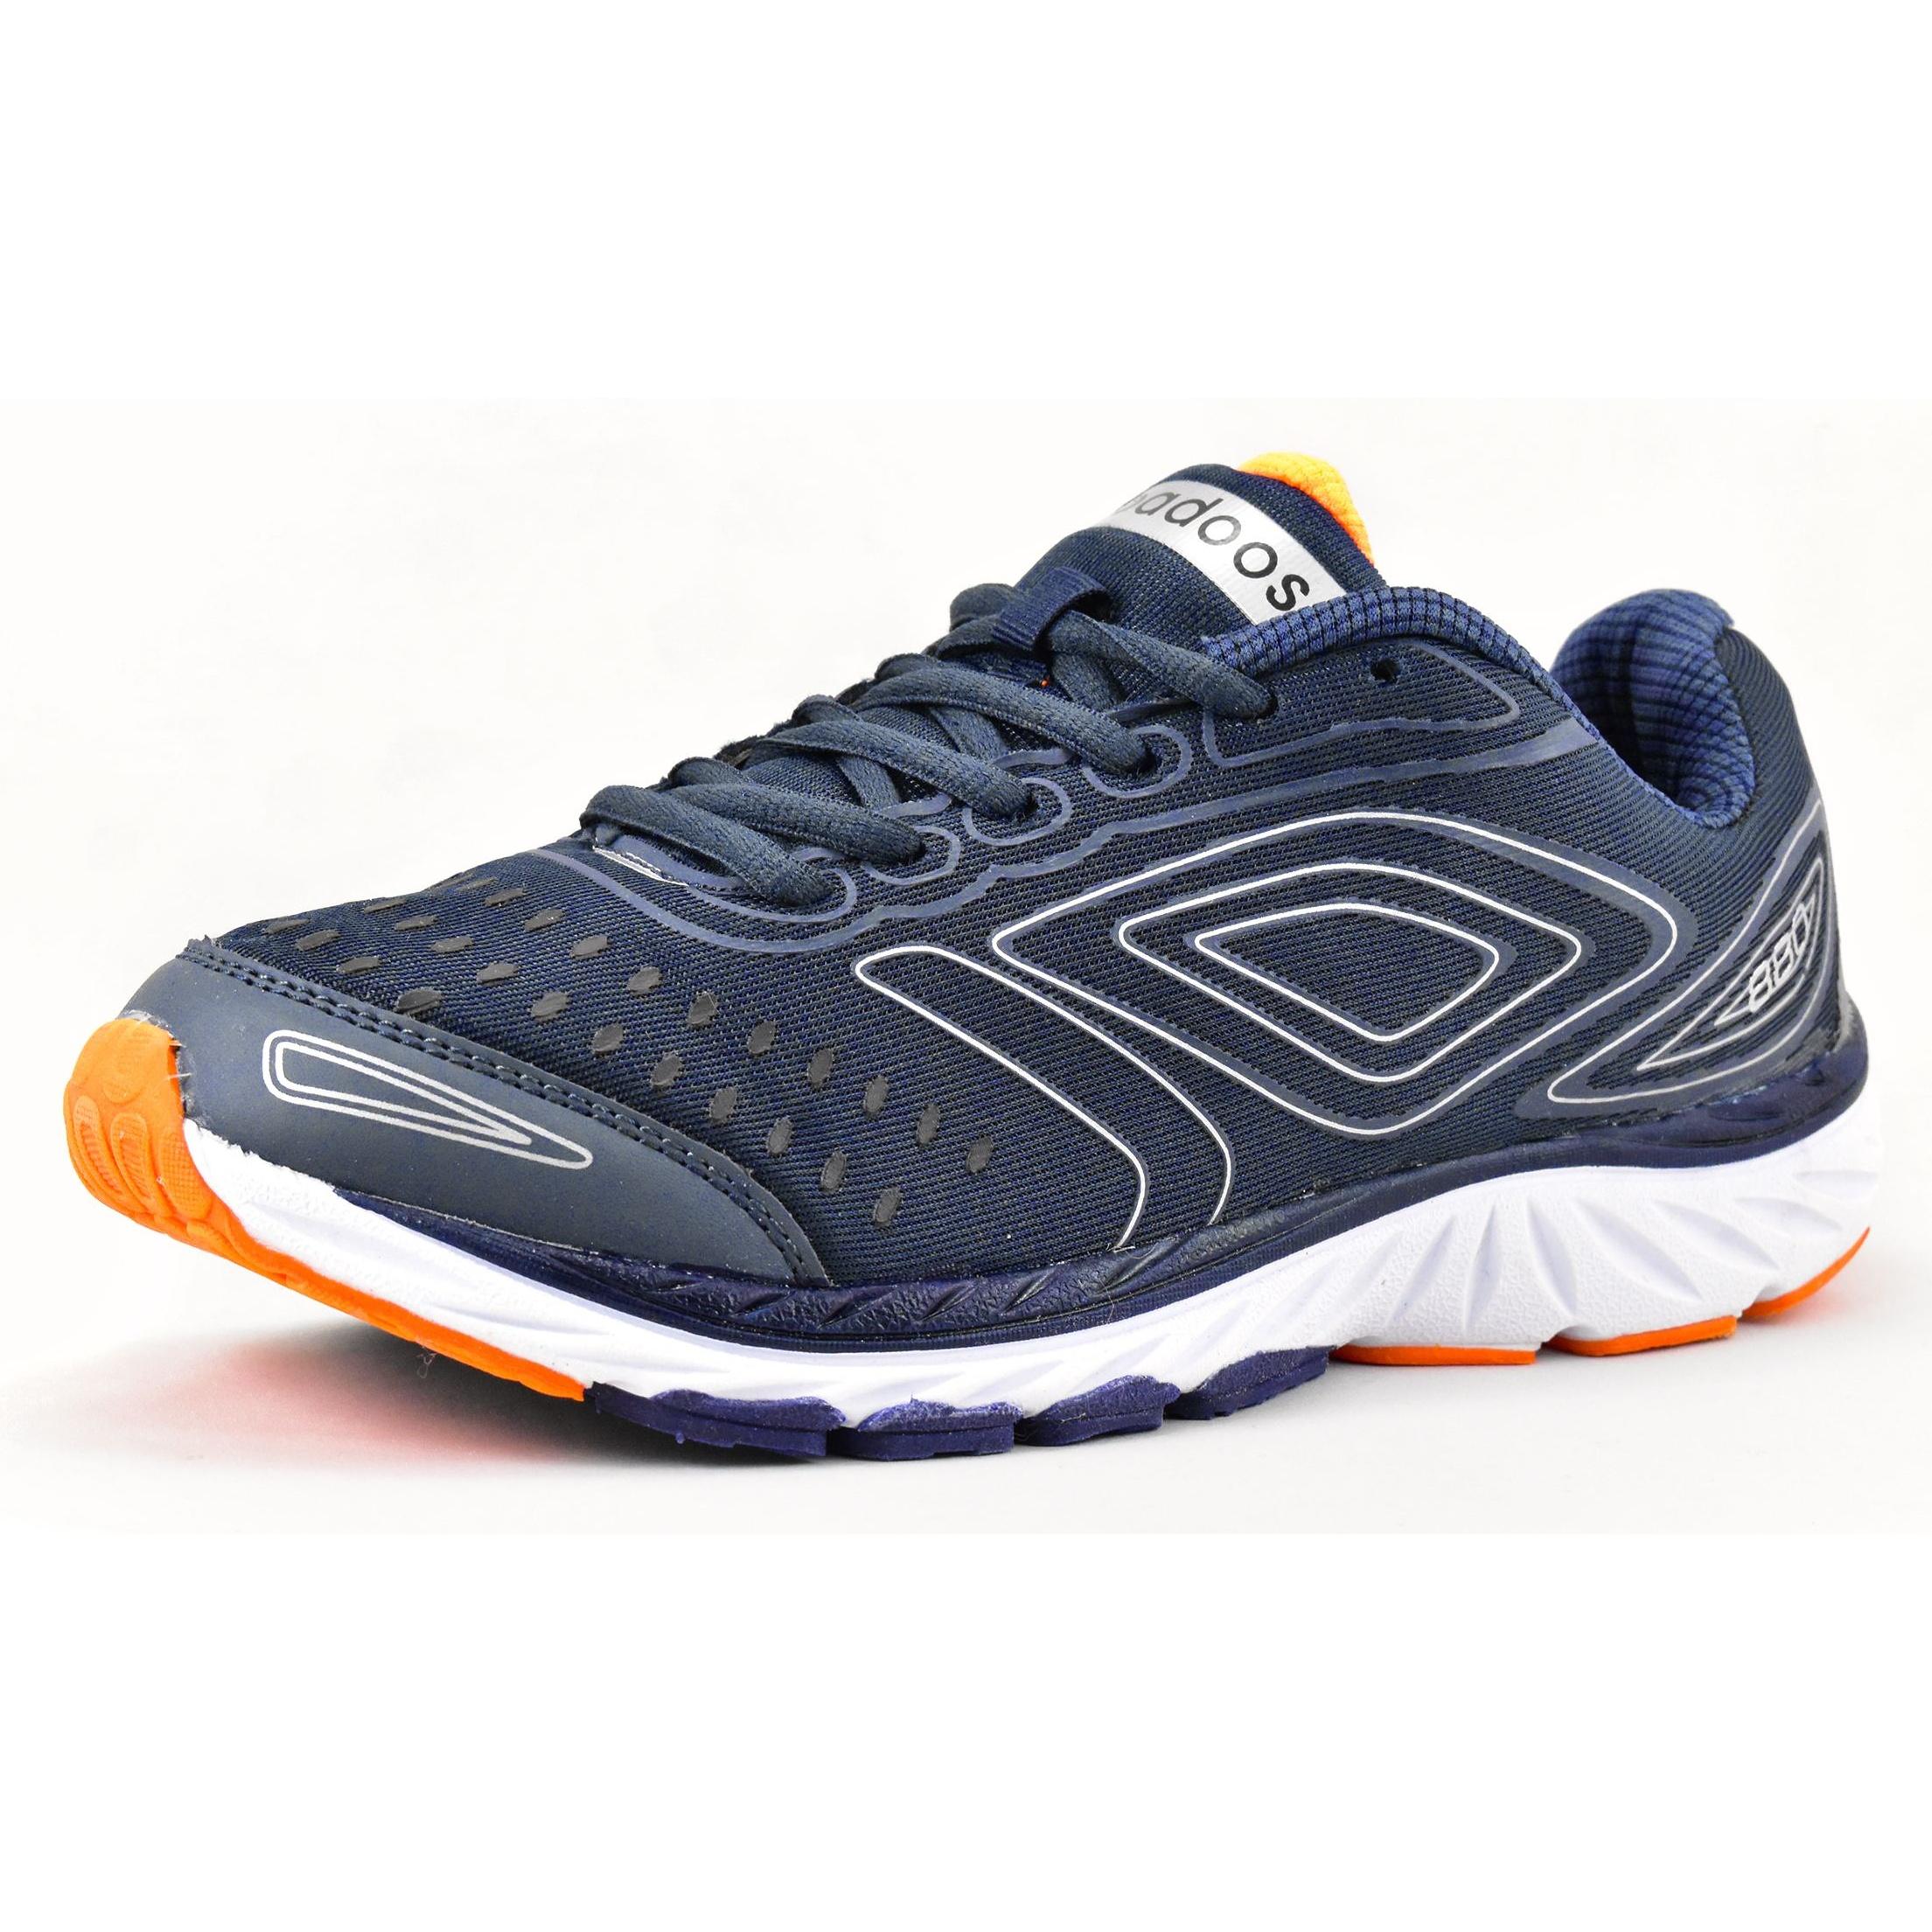 قیمت خرید کفش مخصوص پیاده روی مردانه پادوس کد 4468 اورجینال